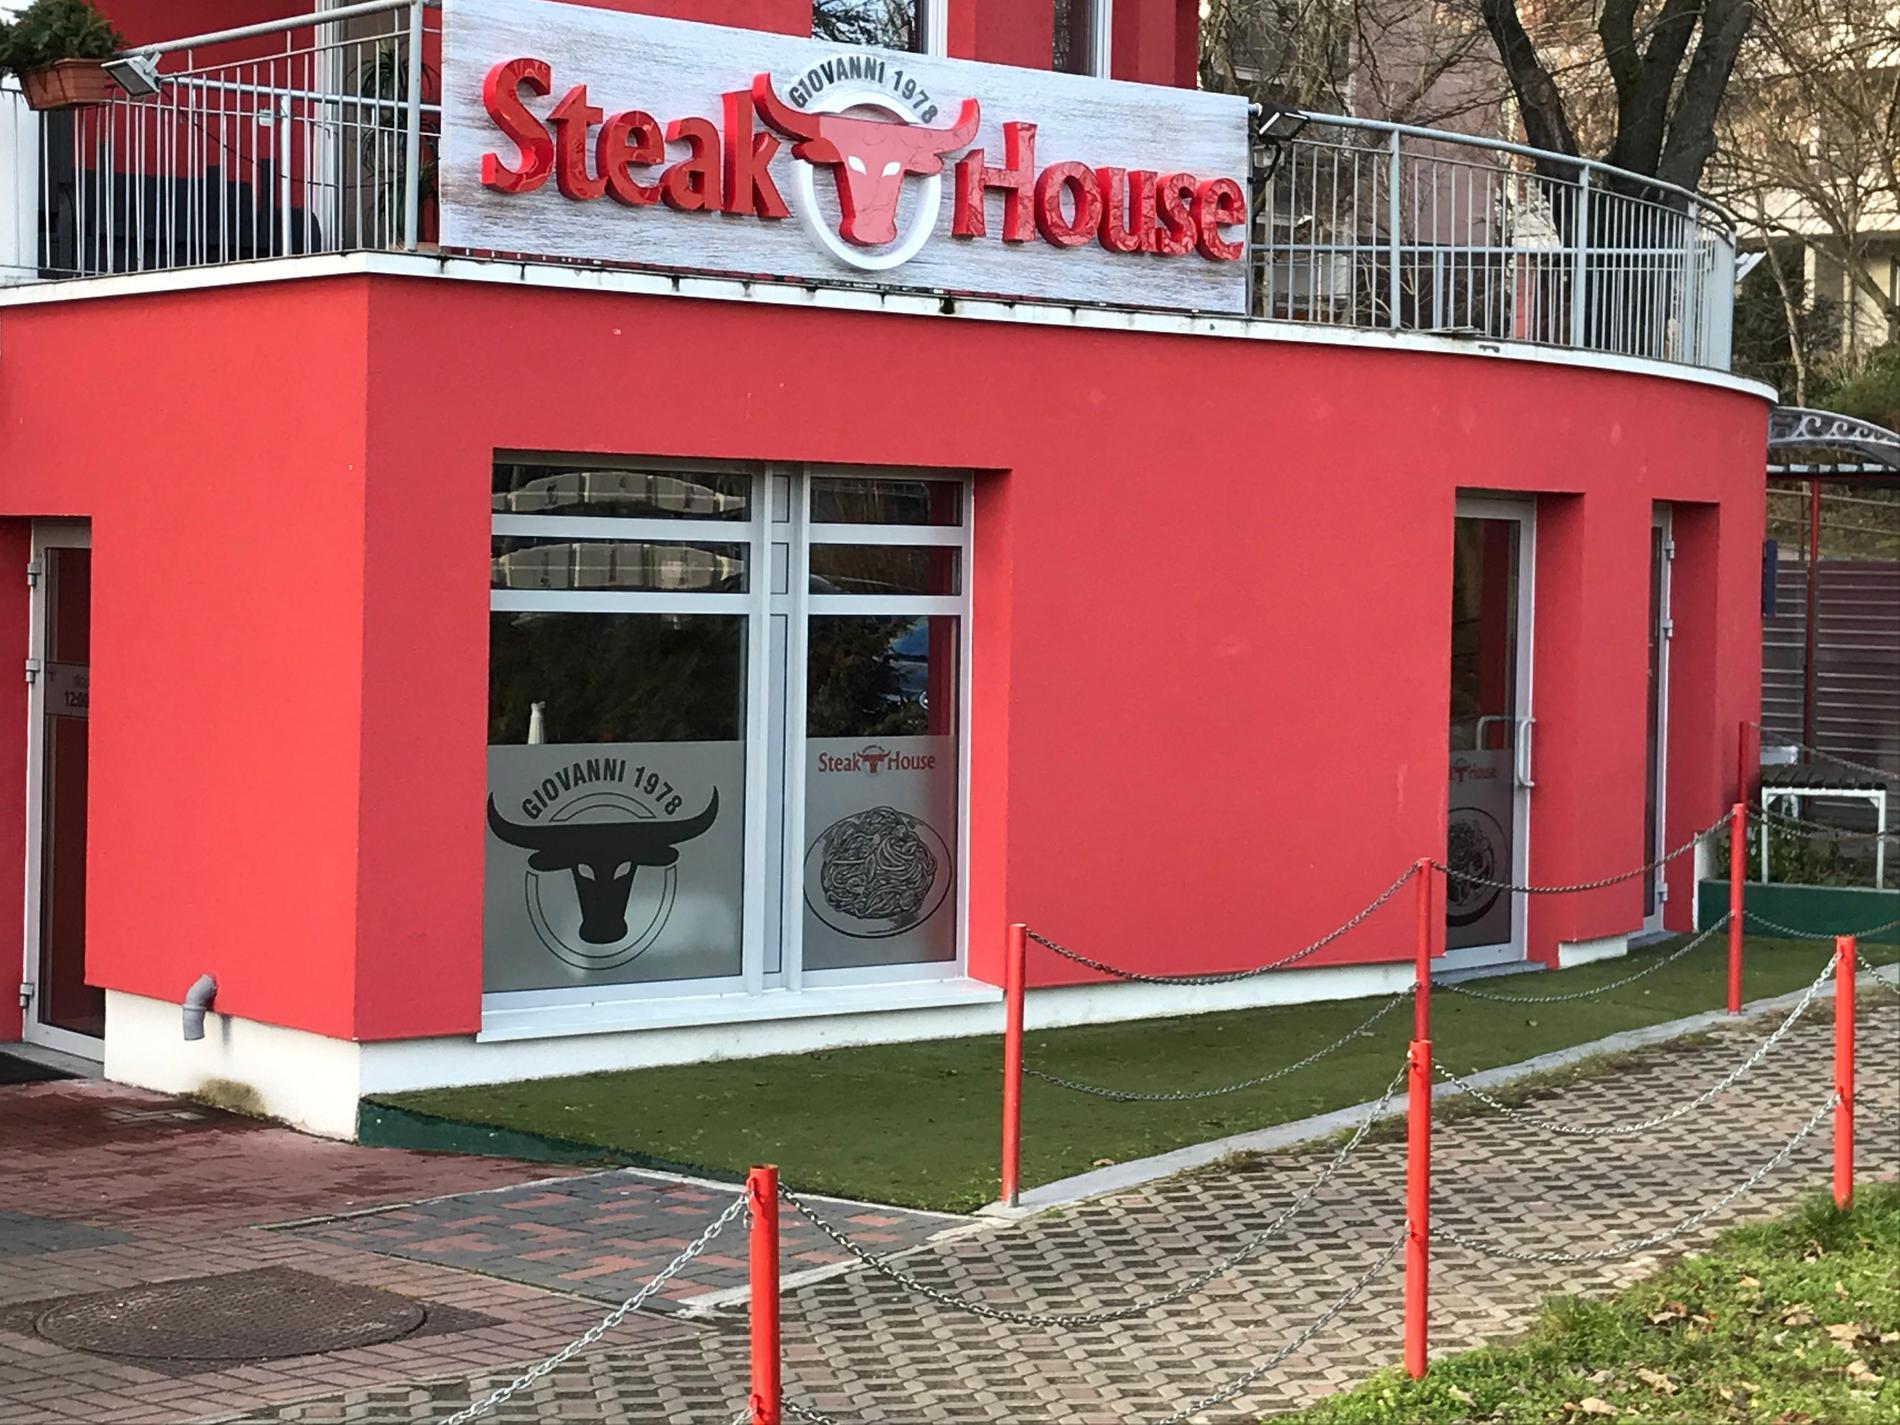 Kundenbild klein 2 Steak House Giovanni 1978 GmbH - Abhol- und Lieferservice von 11-20 Uhr